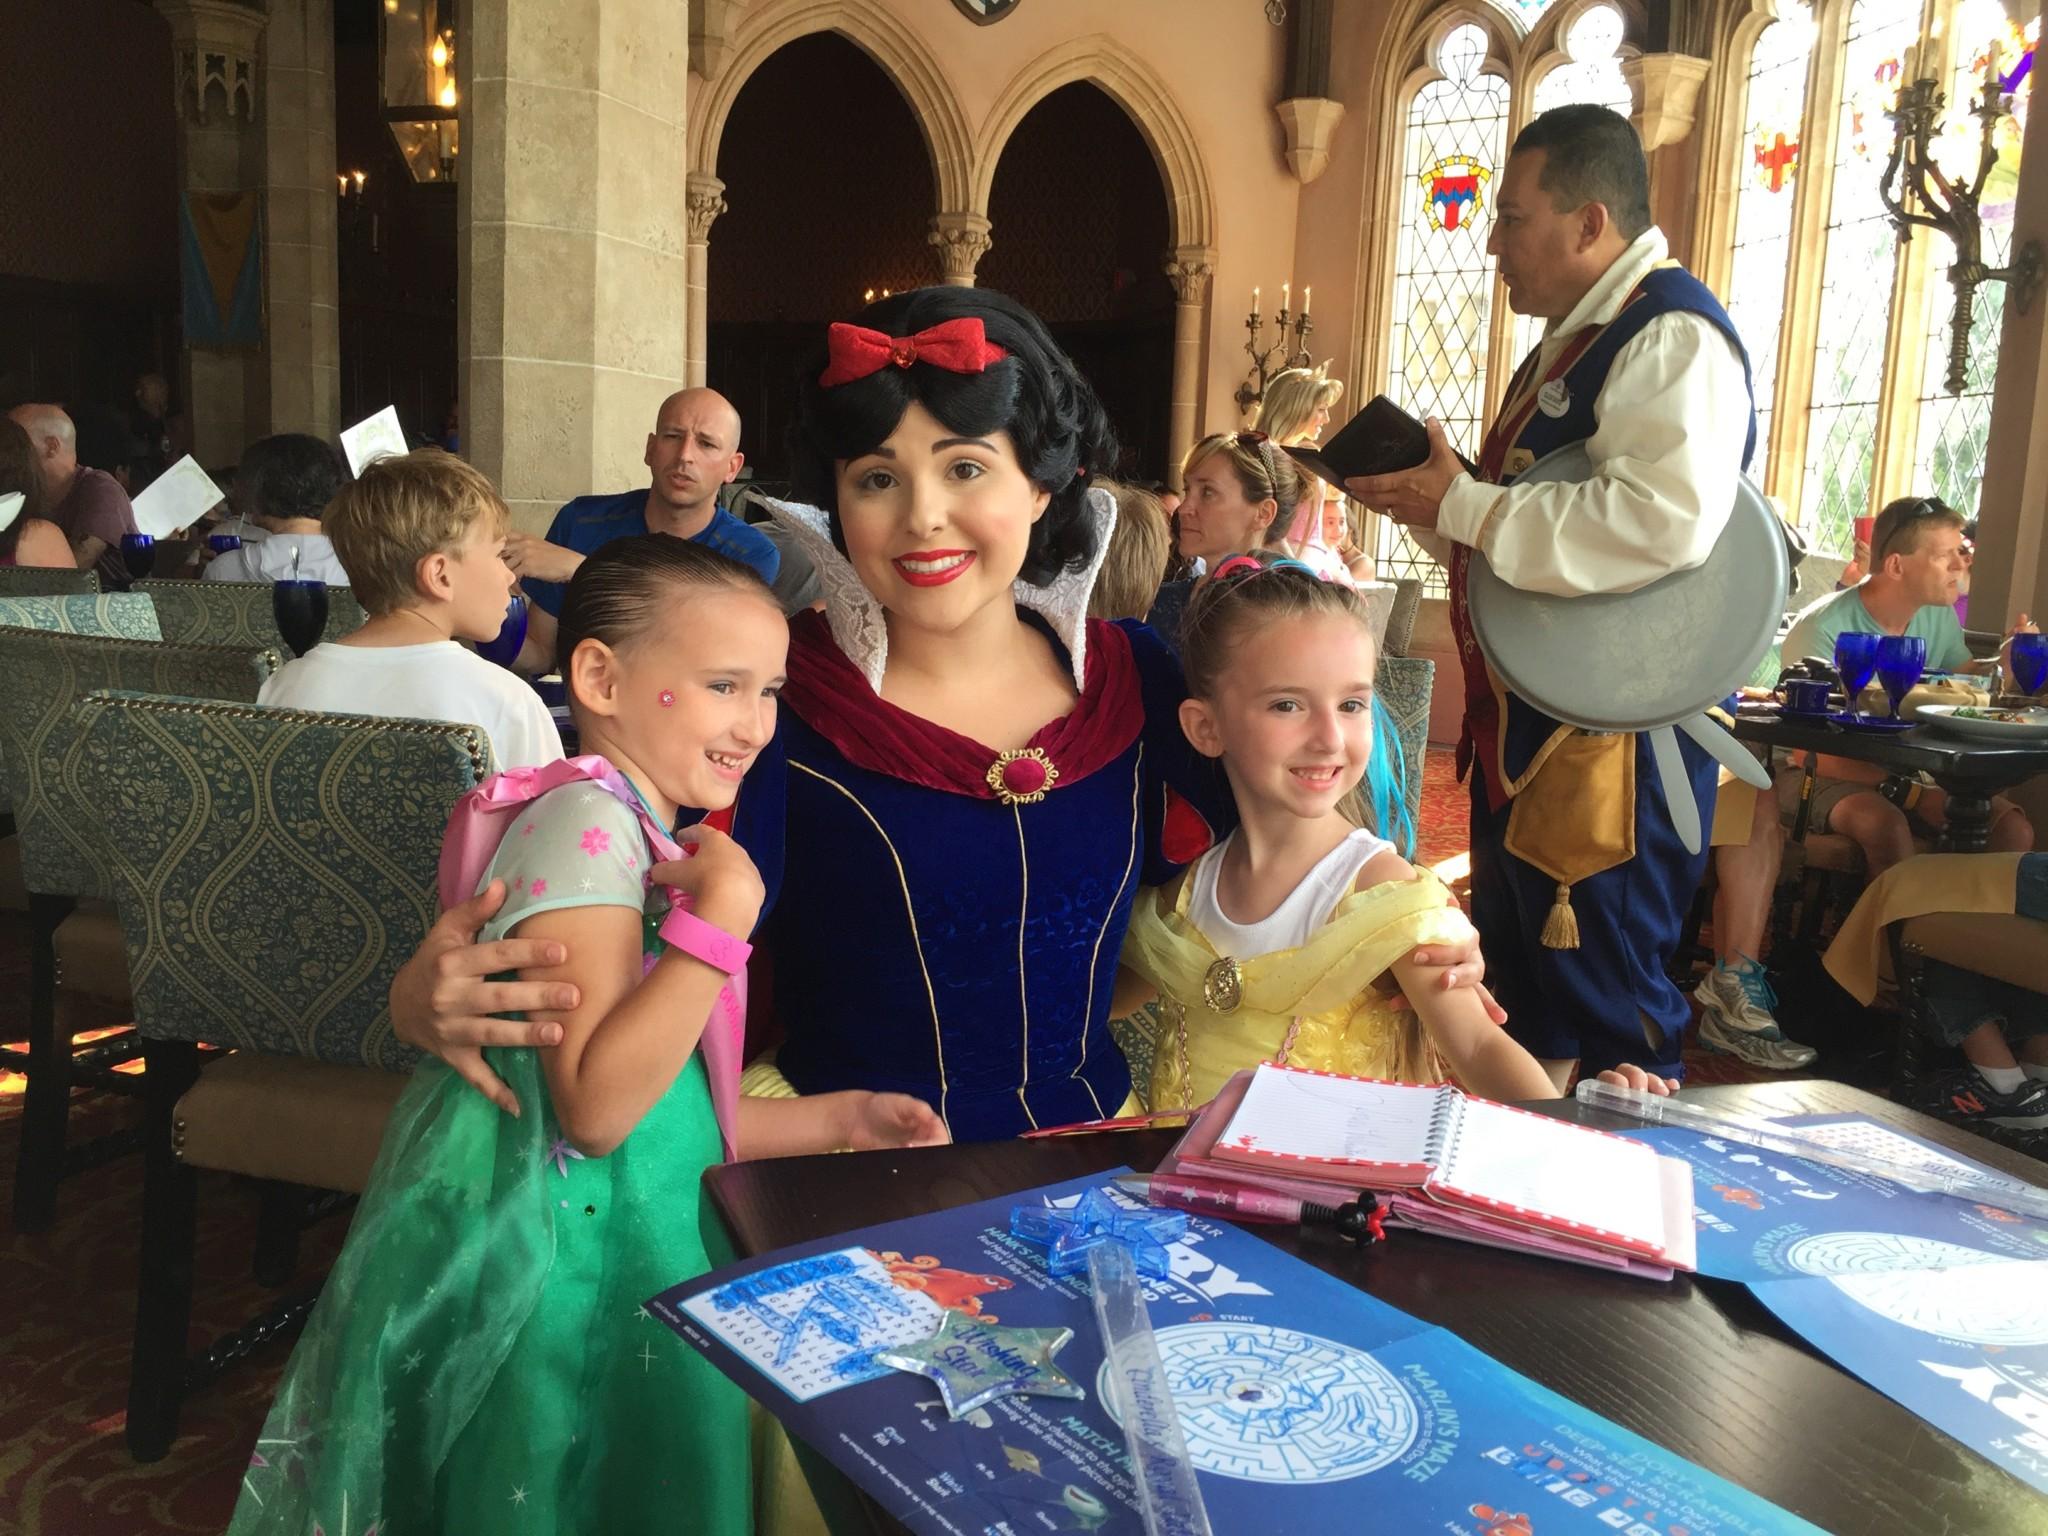 Princess Snow White and the Girls at Magic Kingdom Royal Table